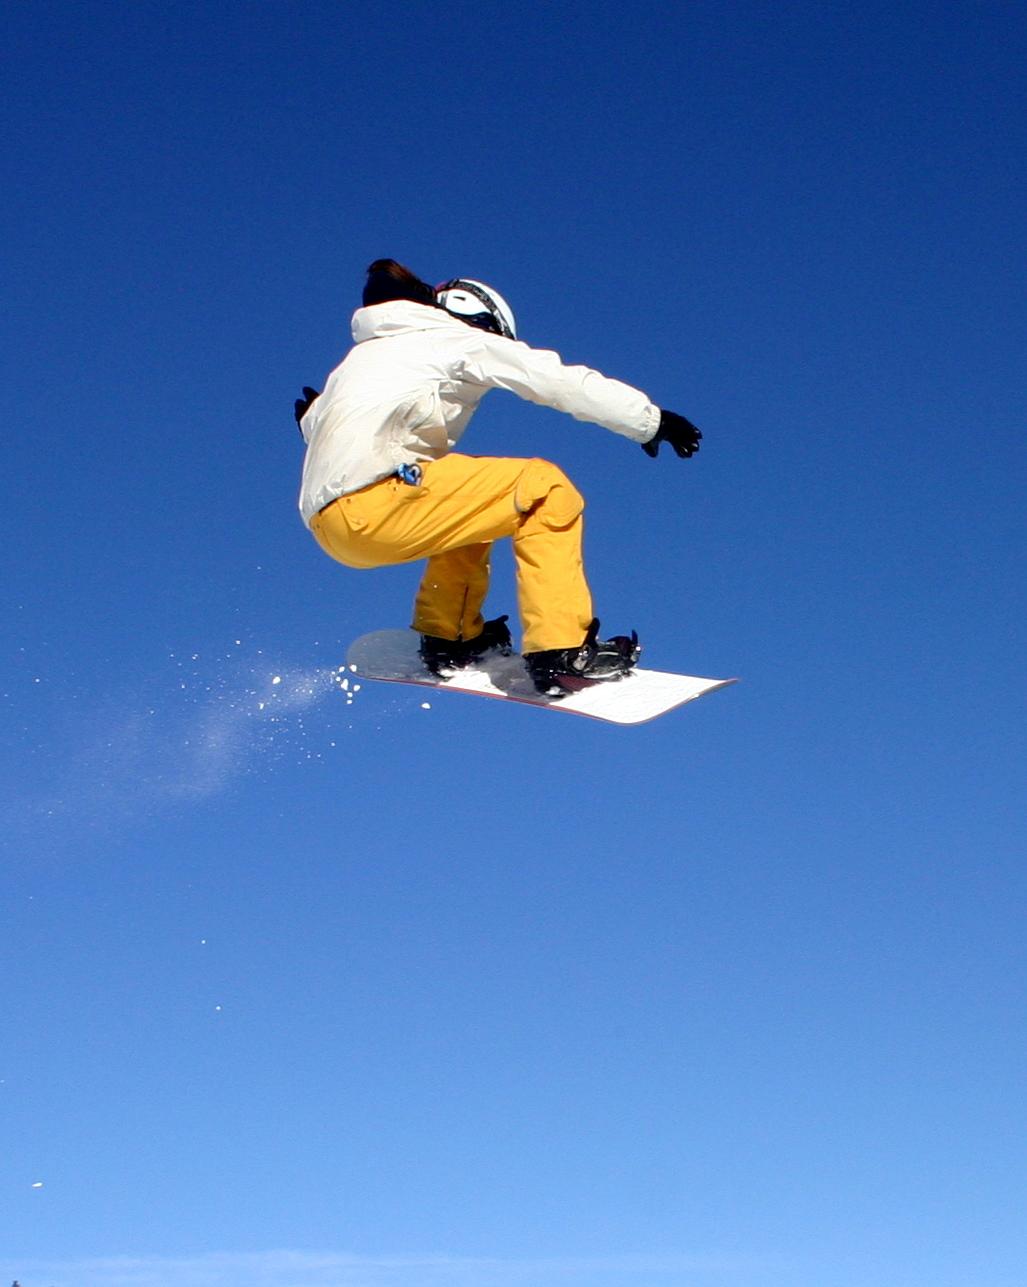 Chystáte se lyžovat? Kartička pojištěnce vás většinou neochrání!